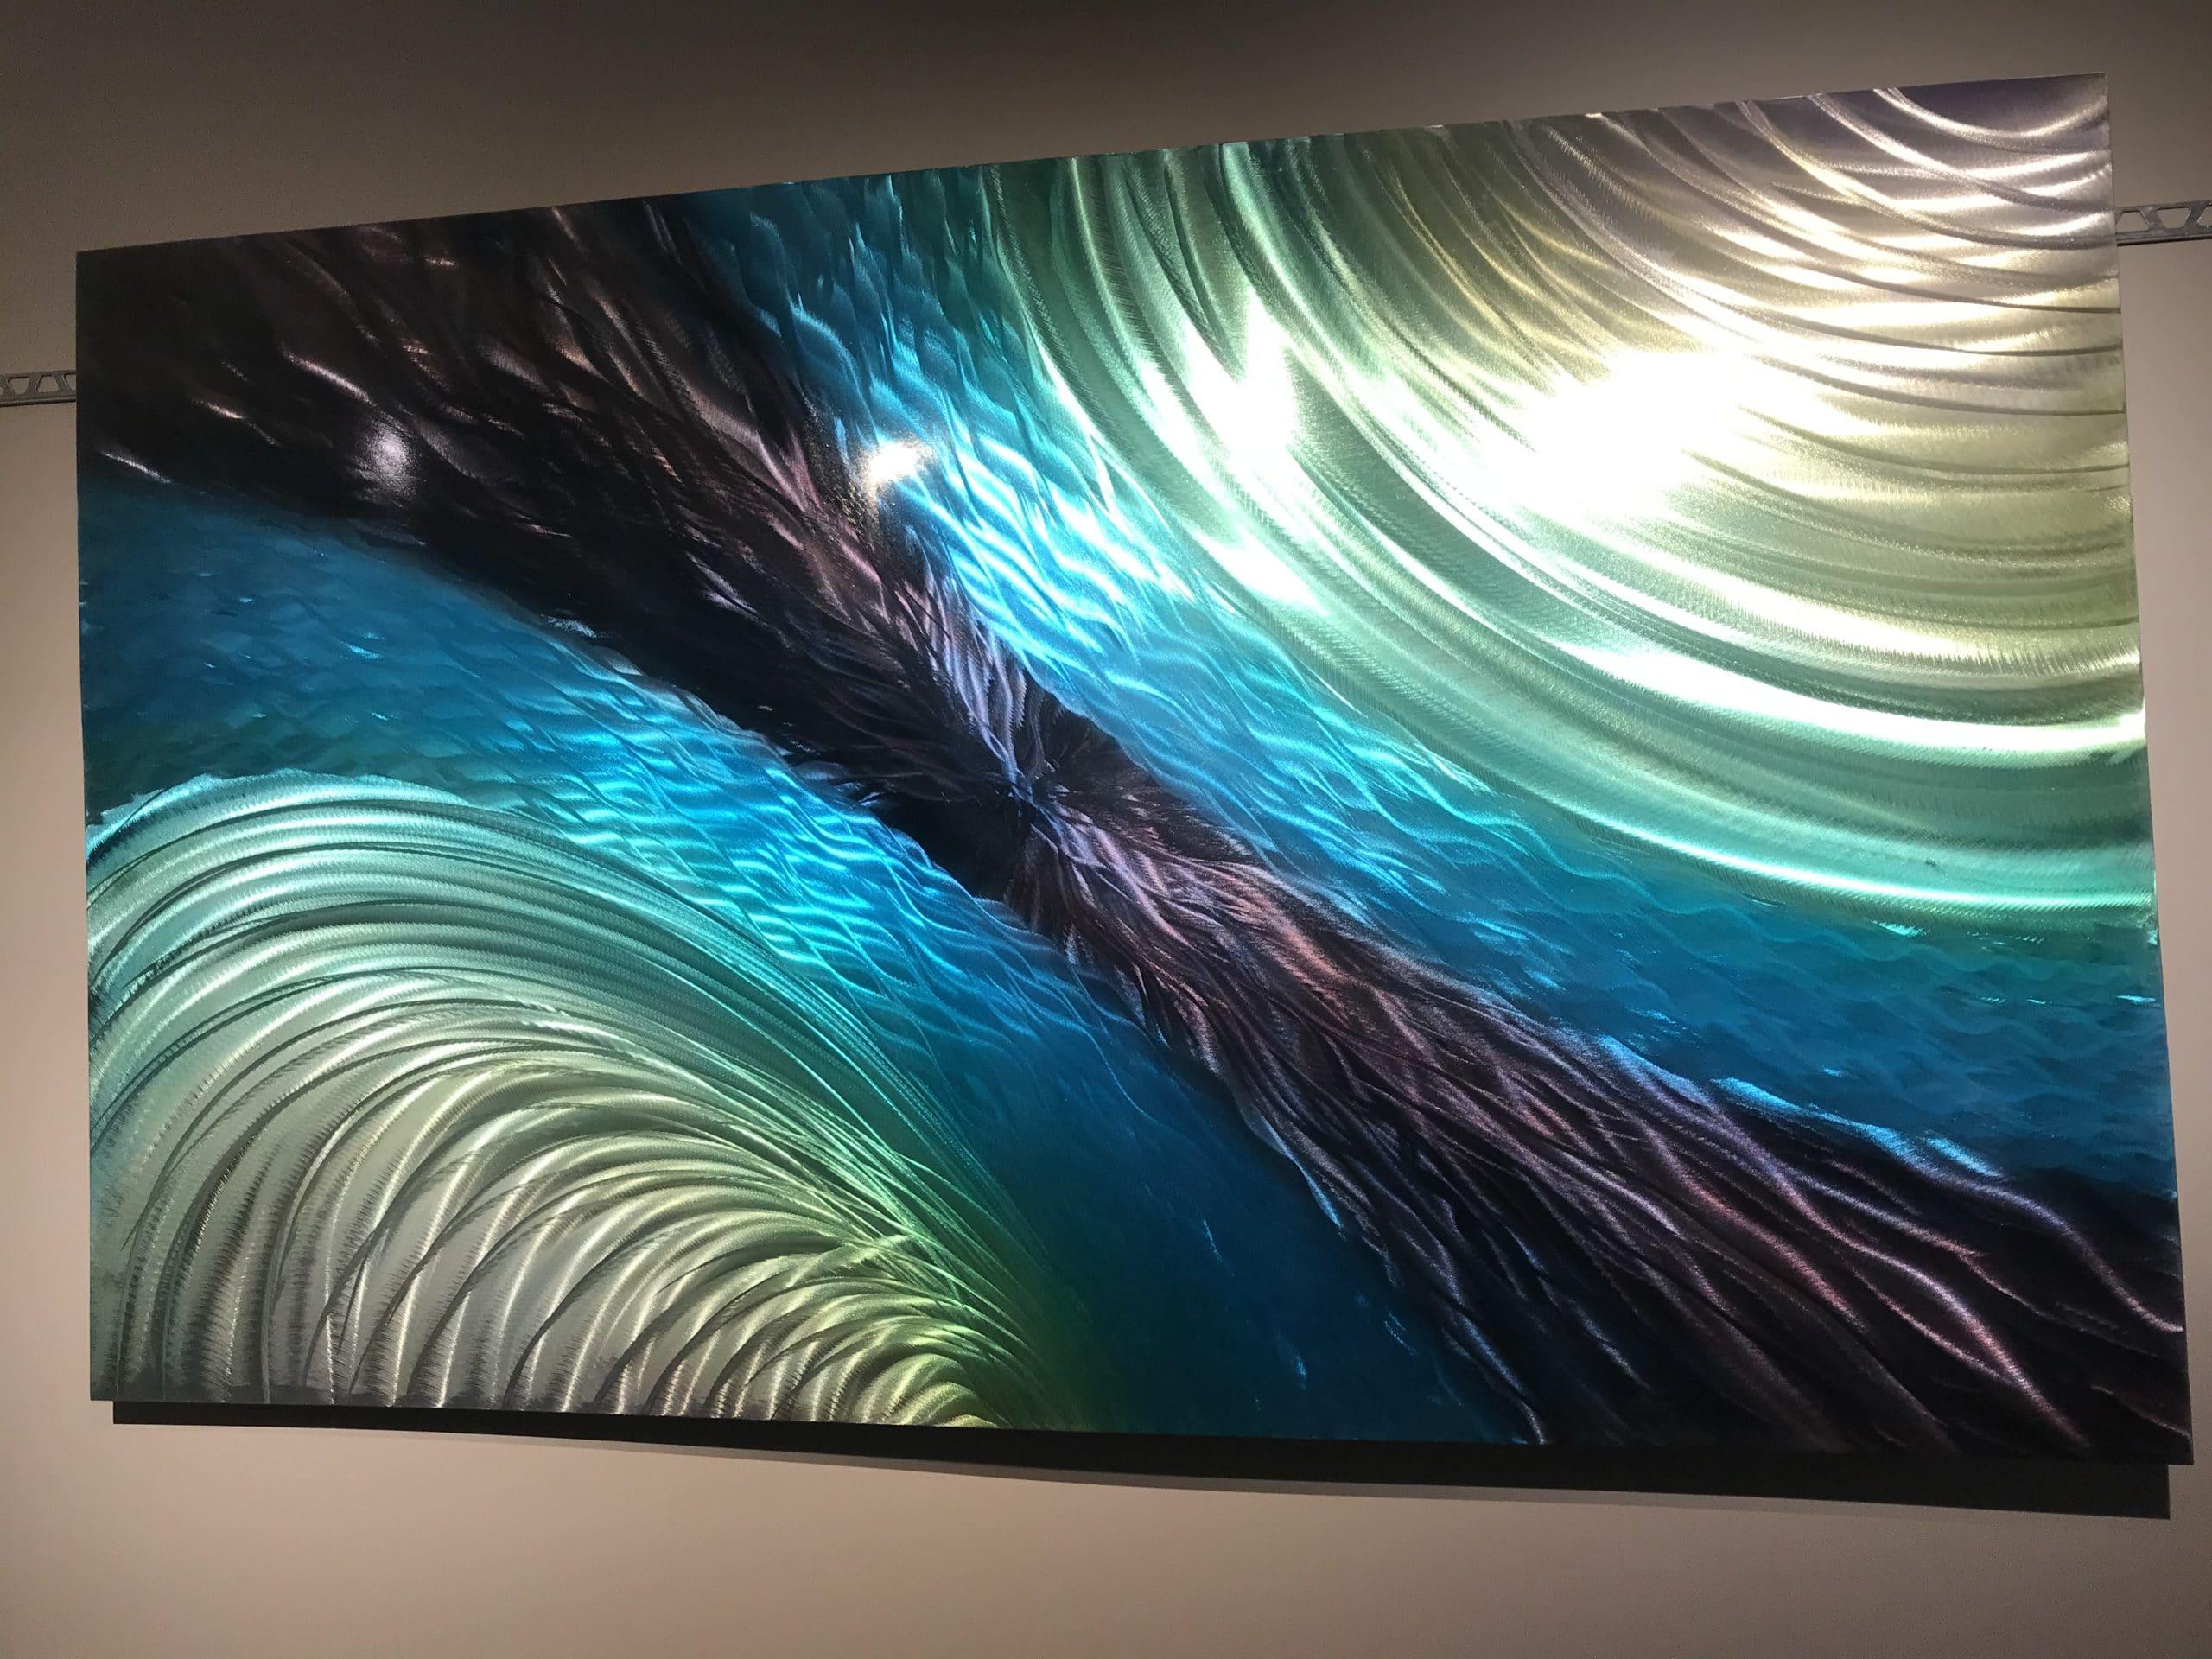 Beautiful painting by Vanderlean Art Studios using our pearls!